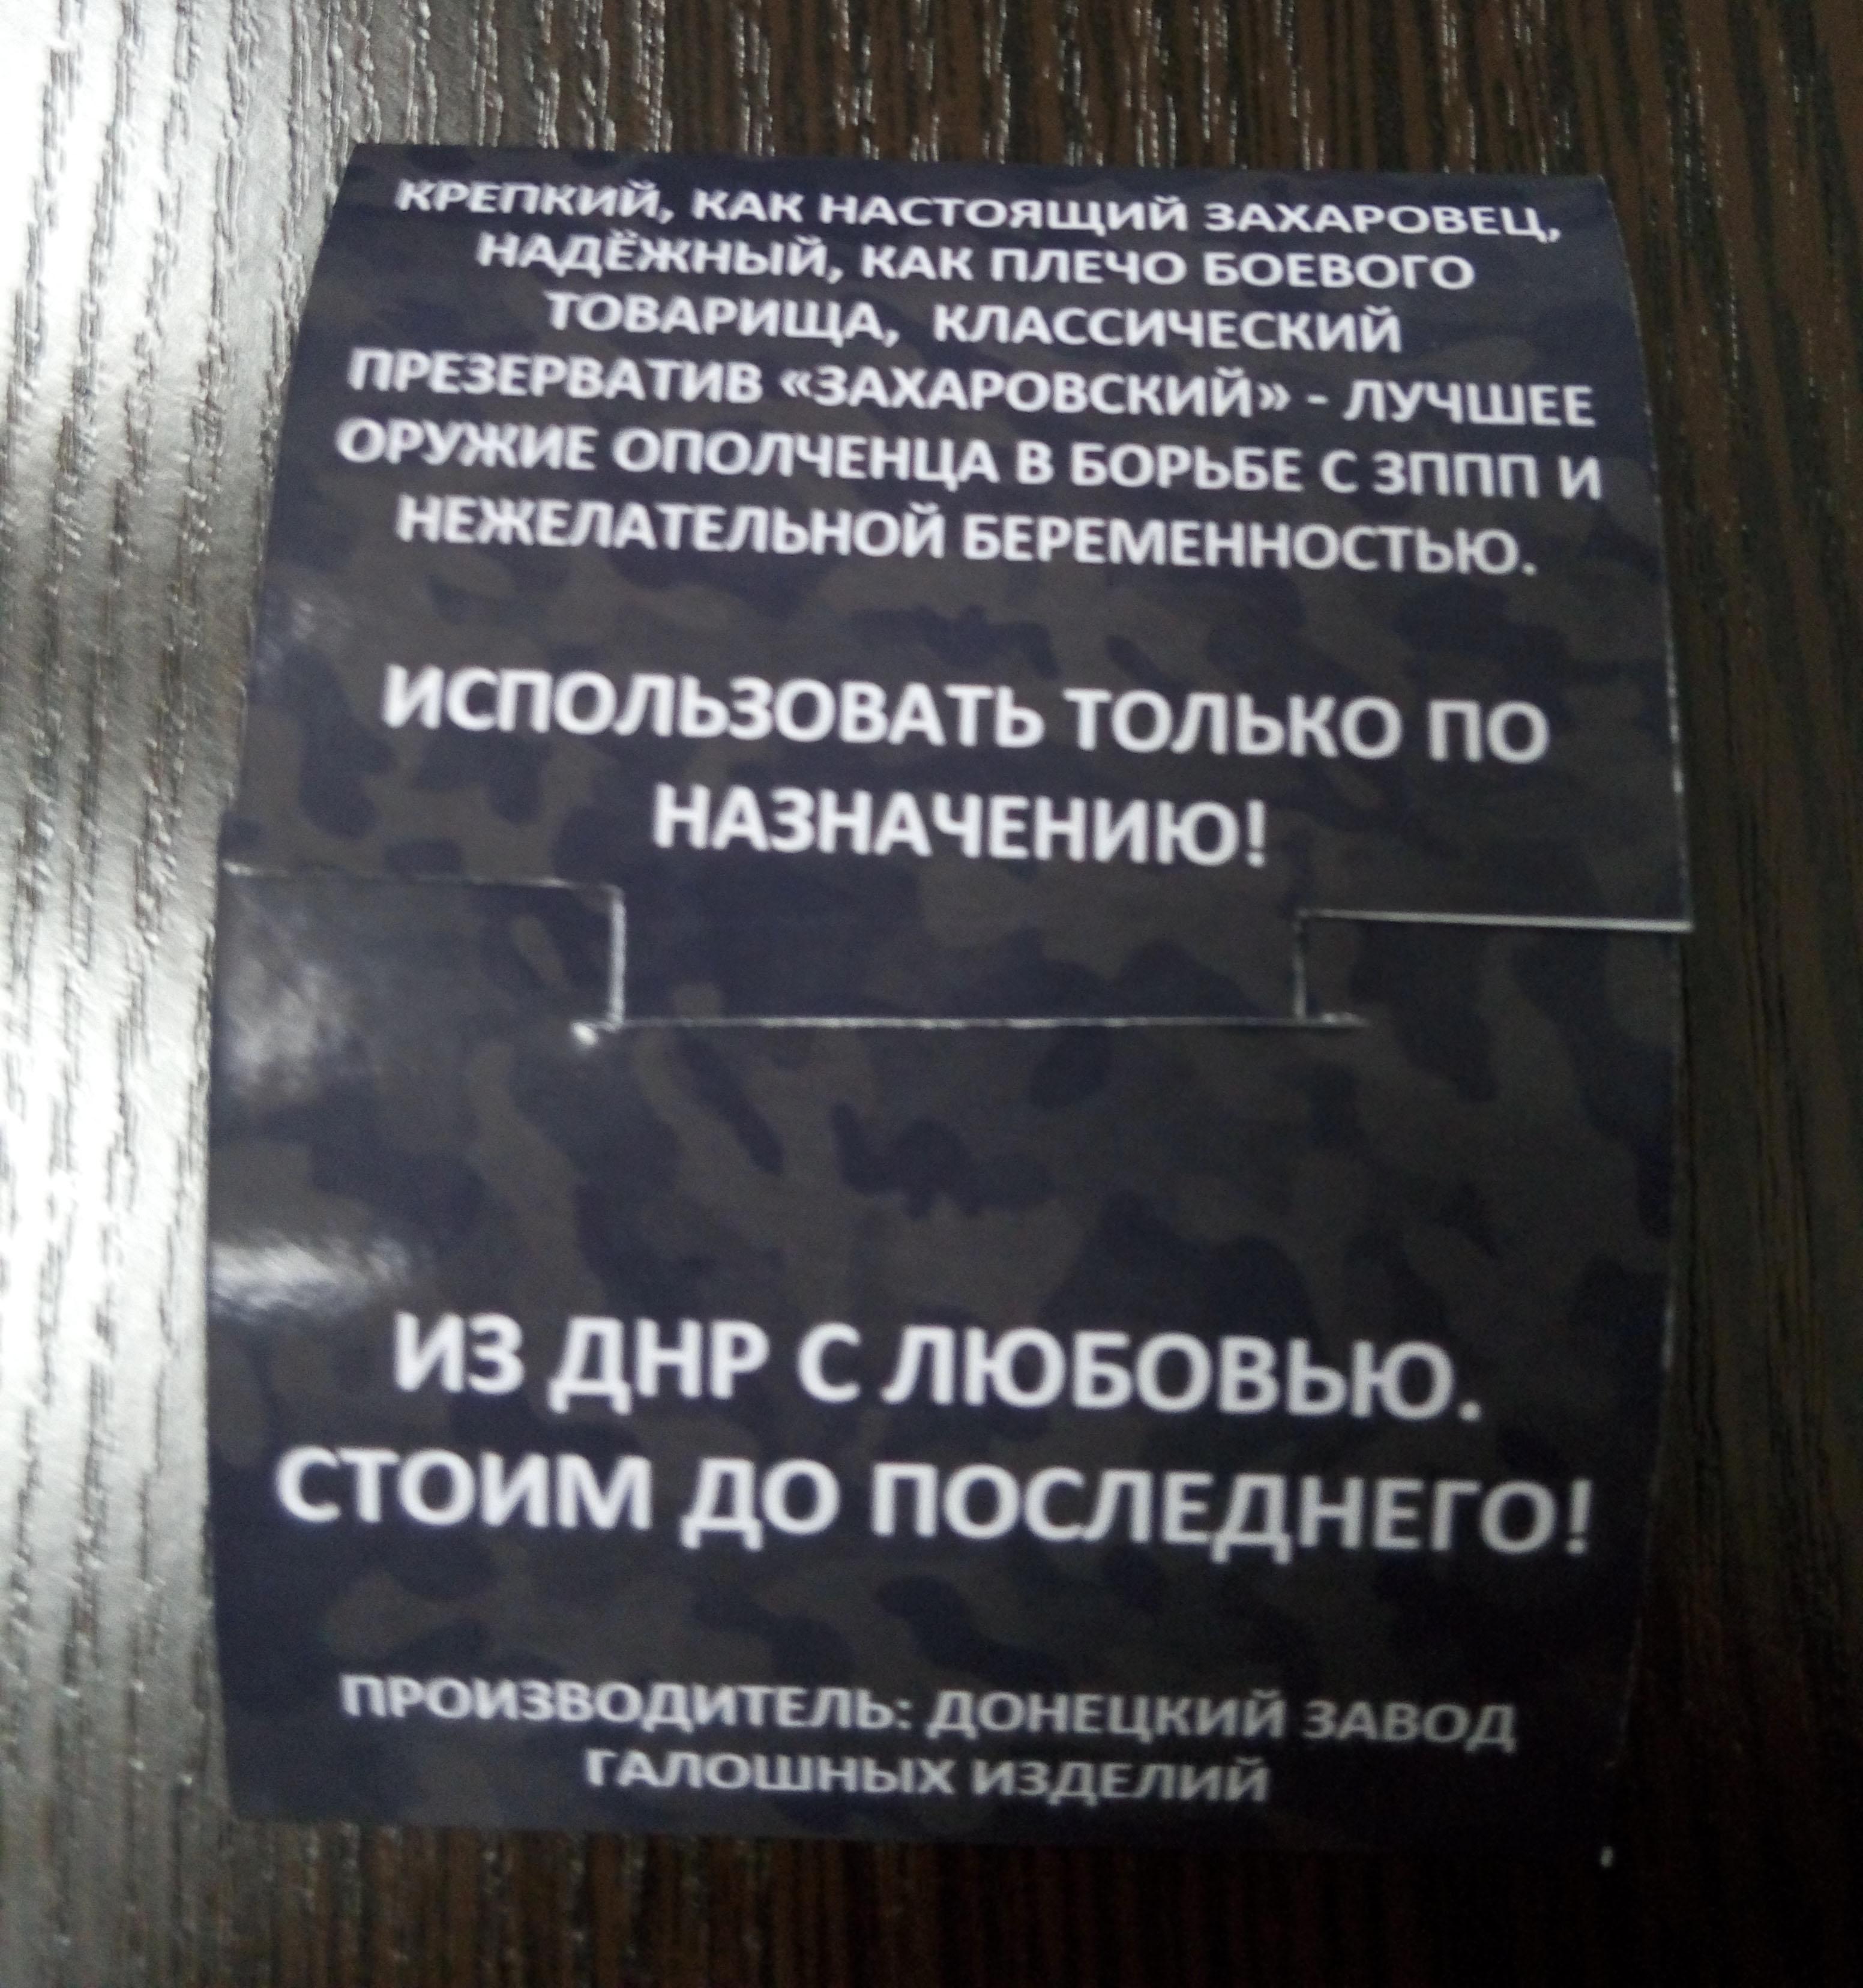 ОБСЕ зафиксировала системы электроглушения на оккупированной территории Донбасса, - Хуг - Цензор.НЕТ 1234